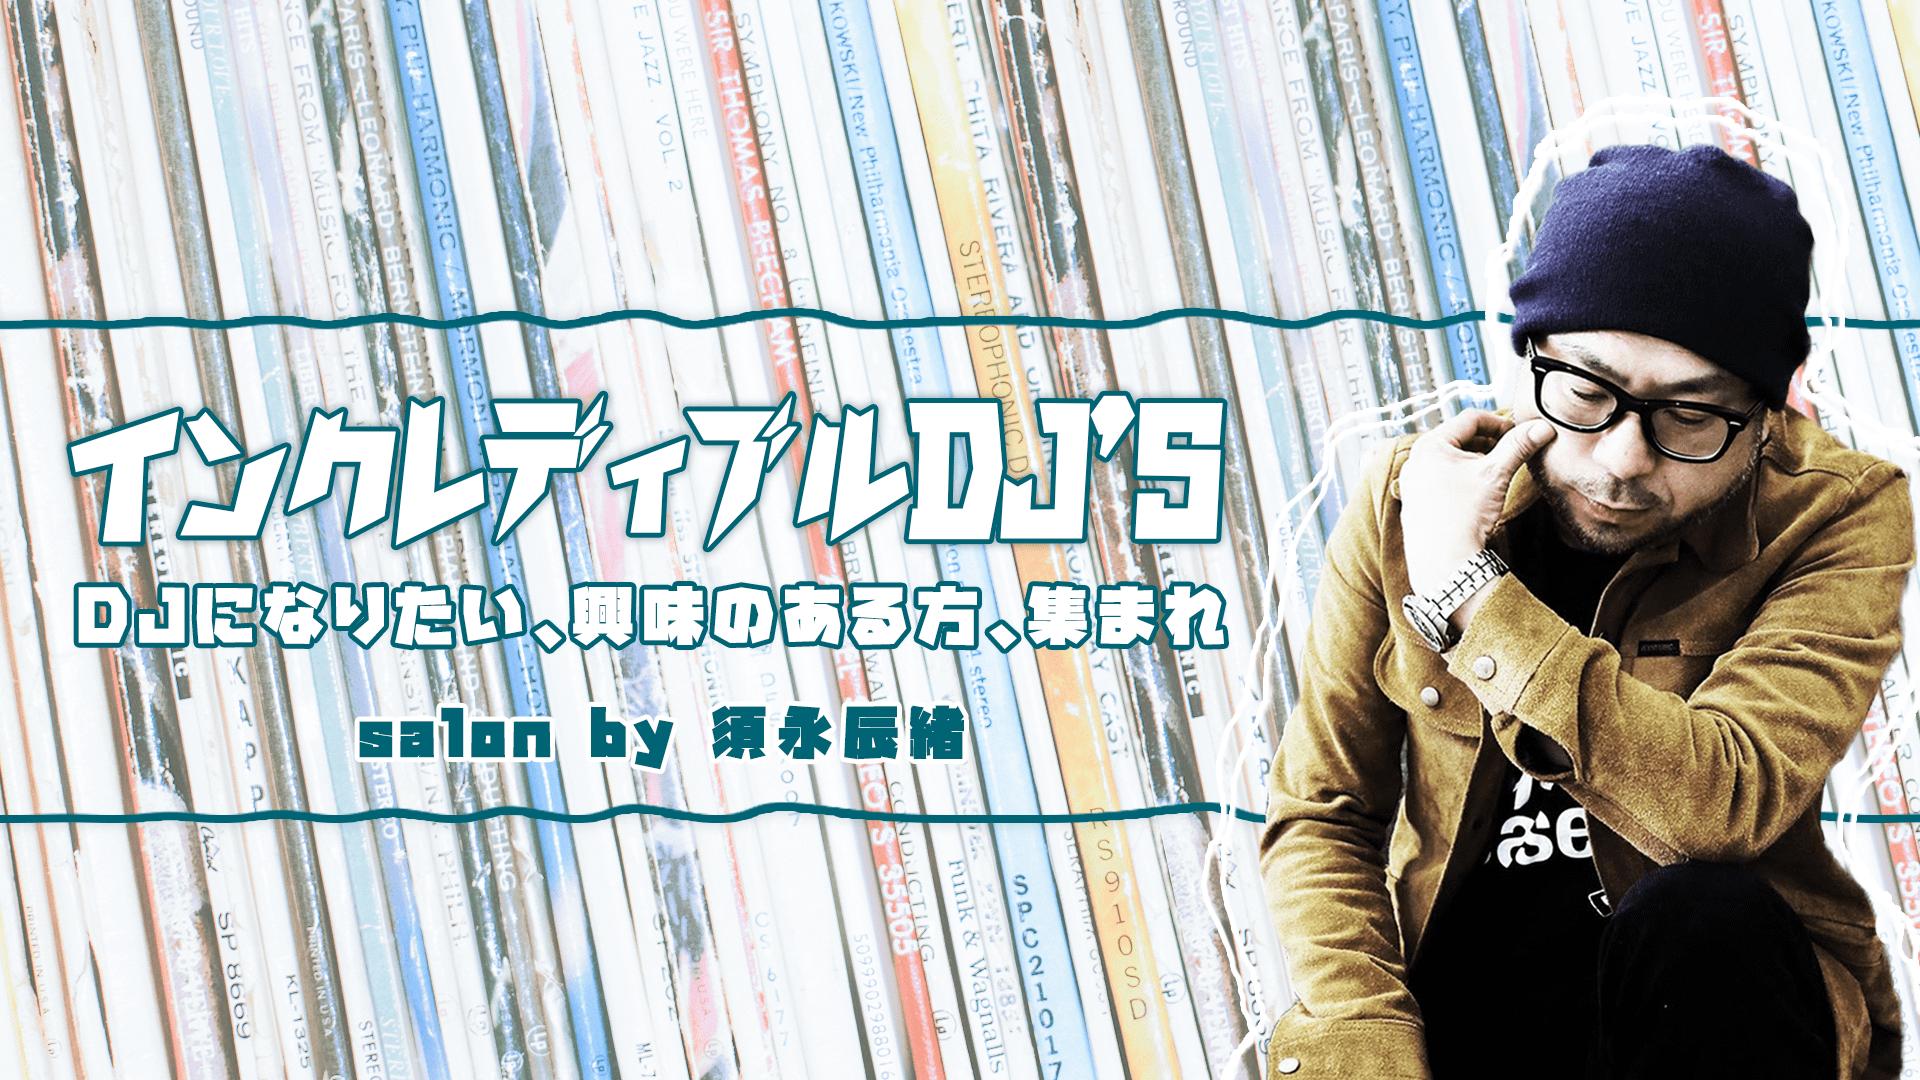 須永辰緒(Sunaga t experience) - インクレディブルDJ'S *DJになりたい、興味のある方、集まれ - DMM オンラインサロン